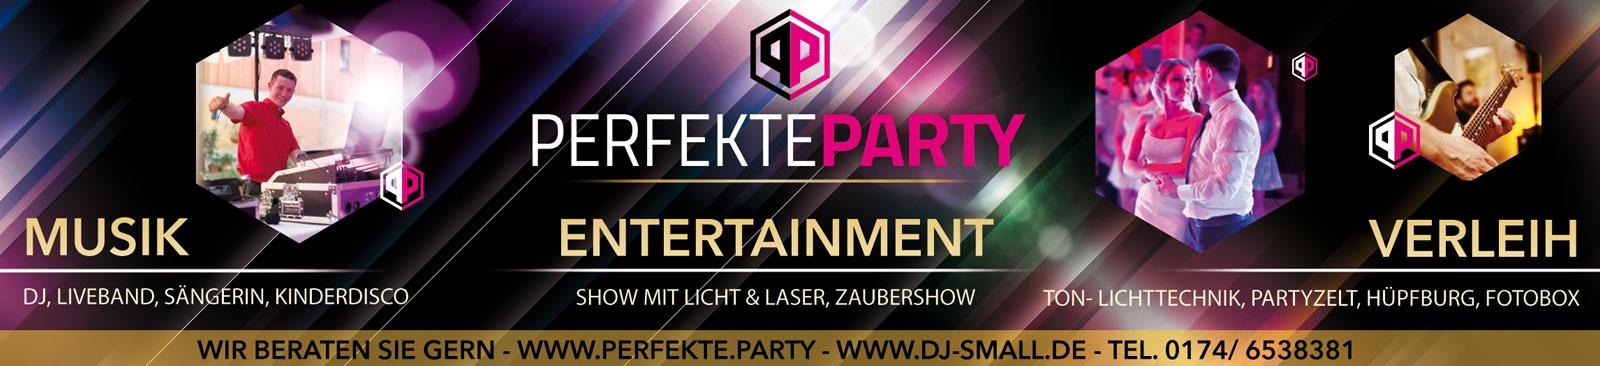 Anzeigen Gestaltung für Perfekte Party